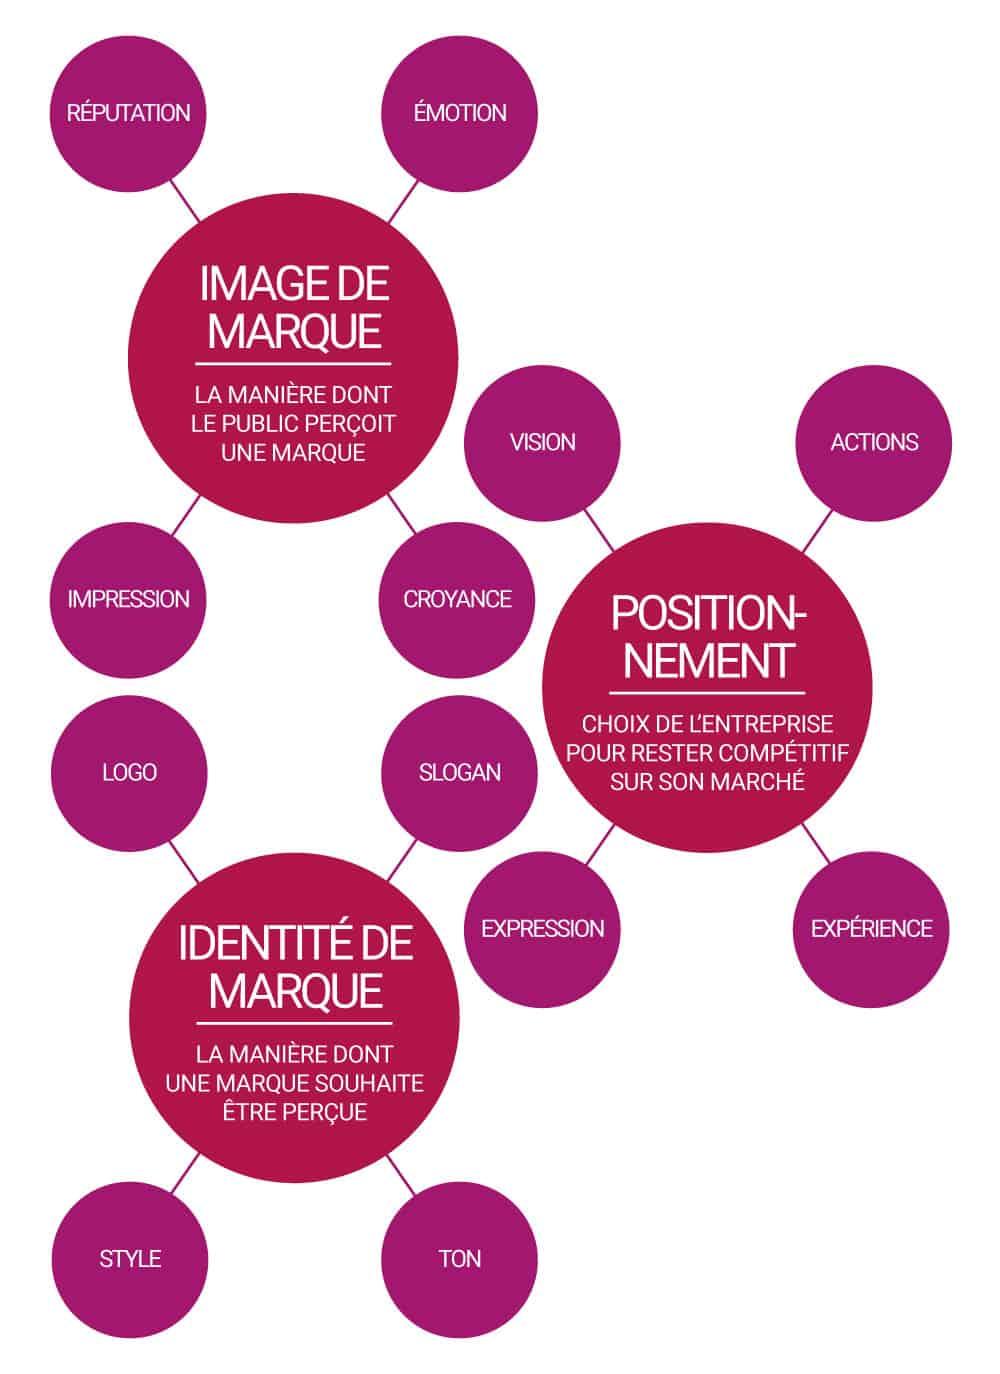 Image de marque, positionnement et identité de marque